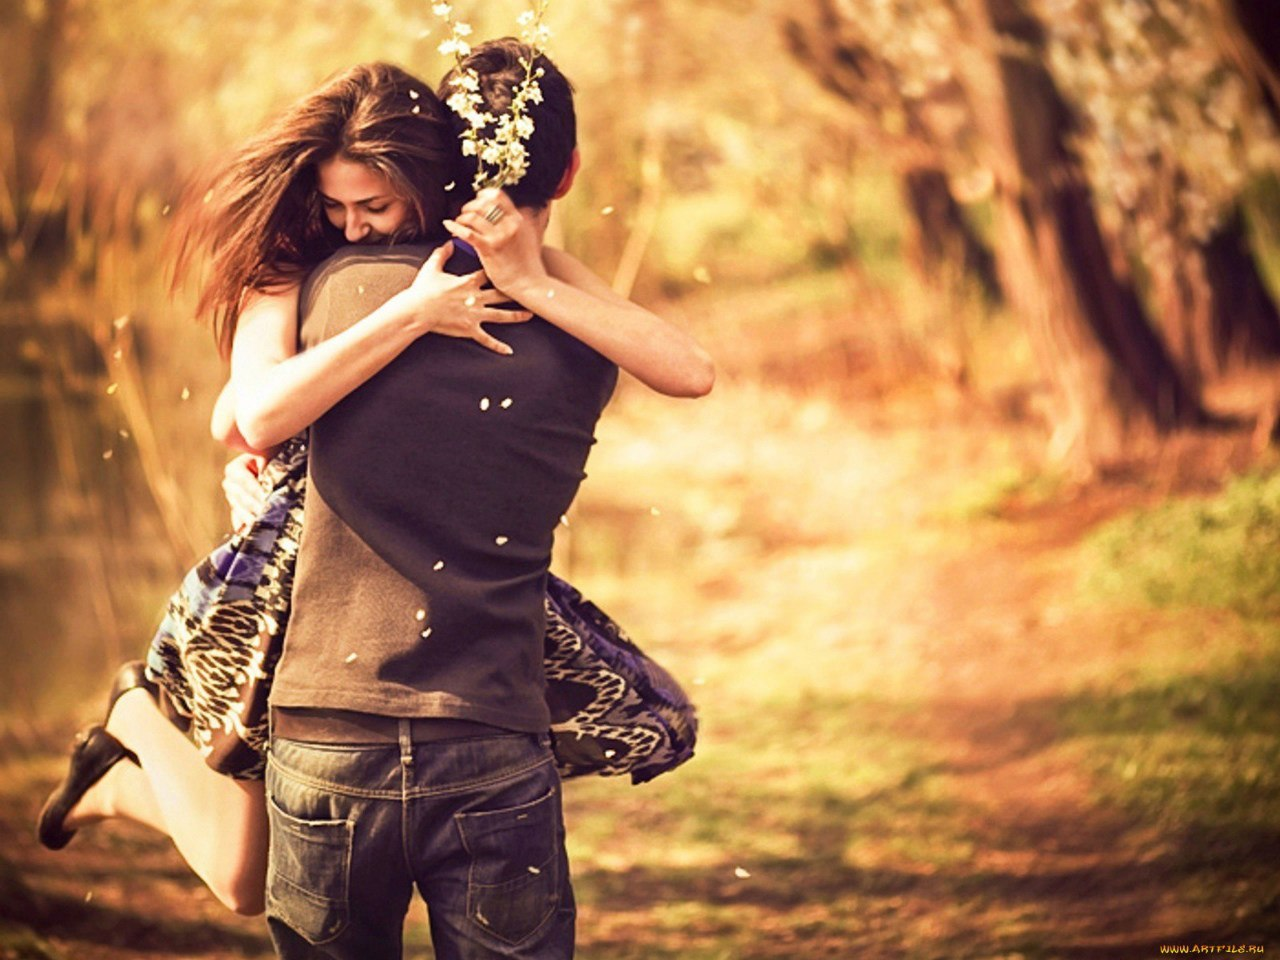 Чувствует ли подсознательно человек что в него влюблены